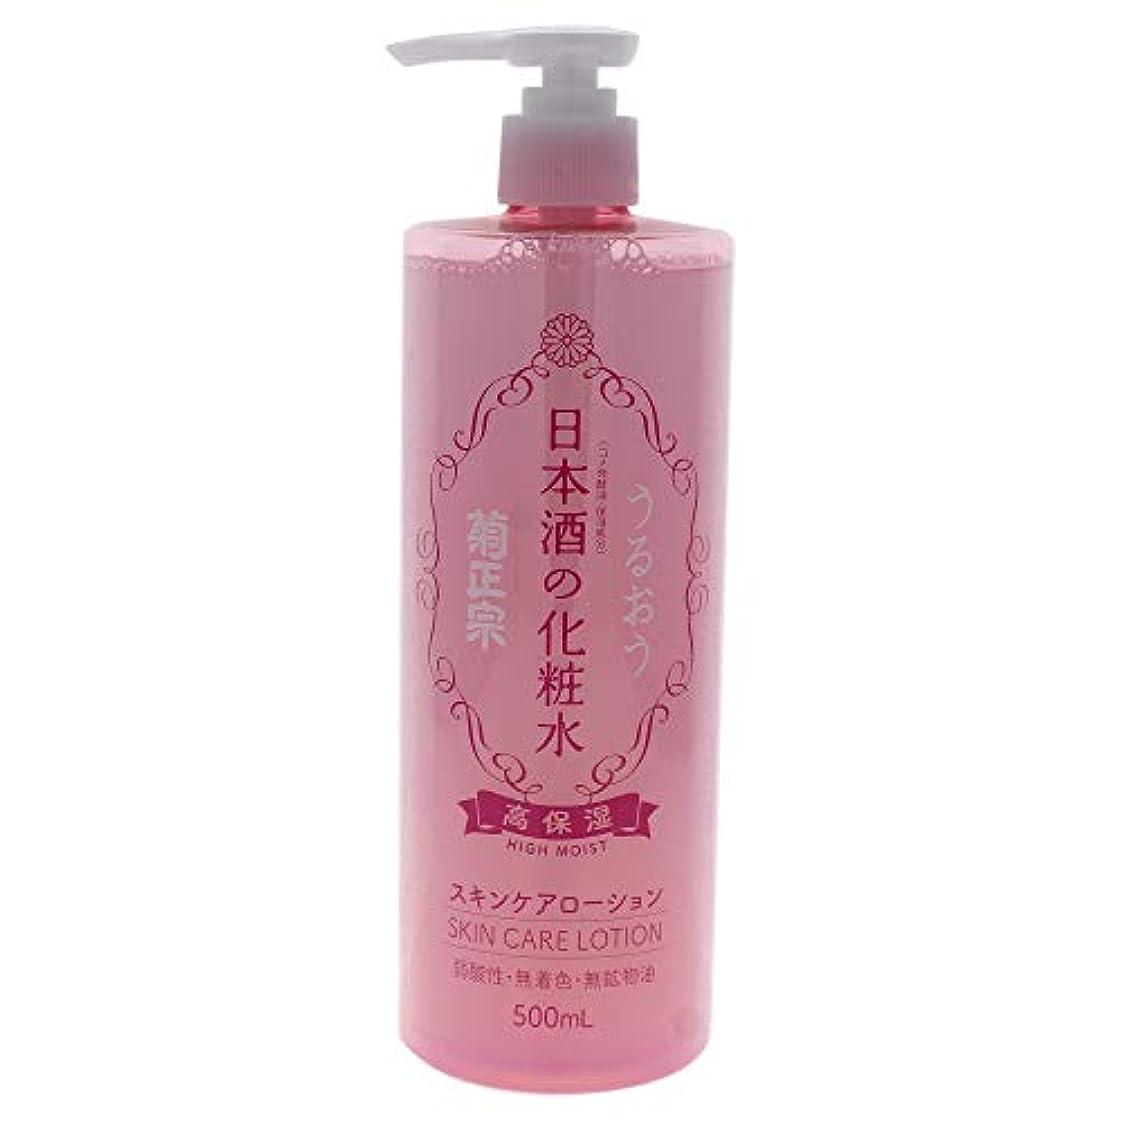 ポップニコチンホイスト菊正宗 日本酒の化粧水 高保湿 単品 500ml